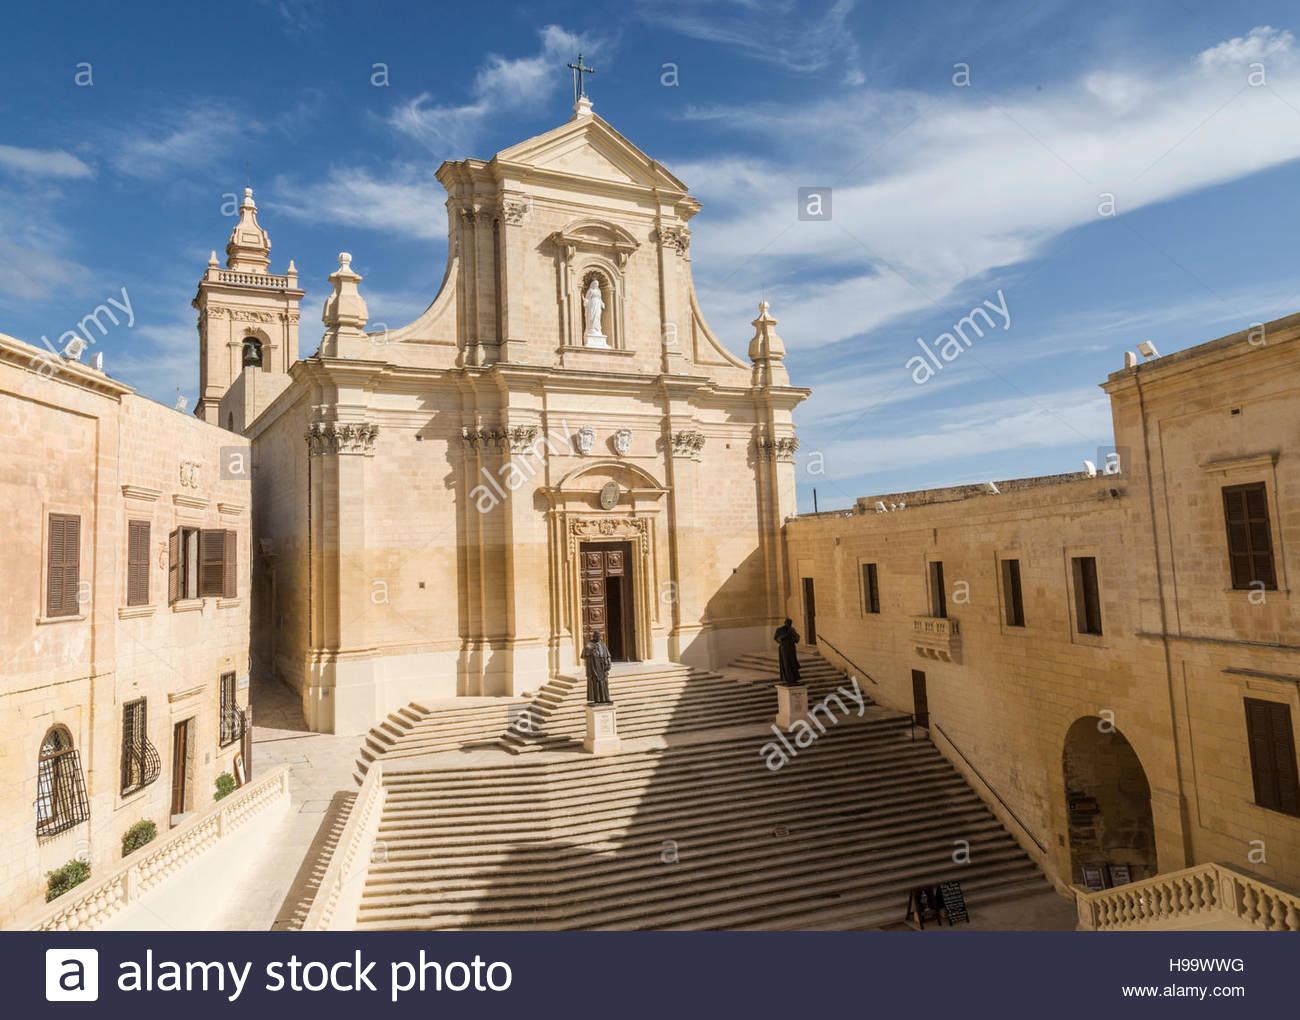 Grand approccio alla Cattedrale all'interno della Cittadella di Victoria a Gozo, Malta Immagini Stock